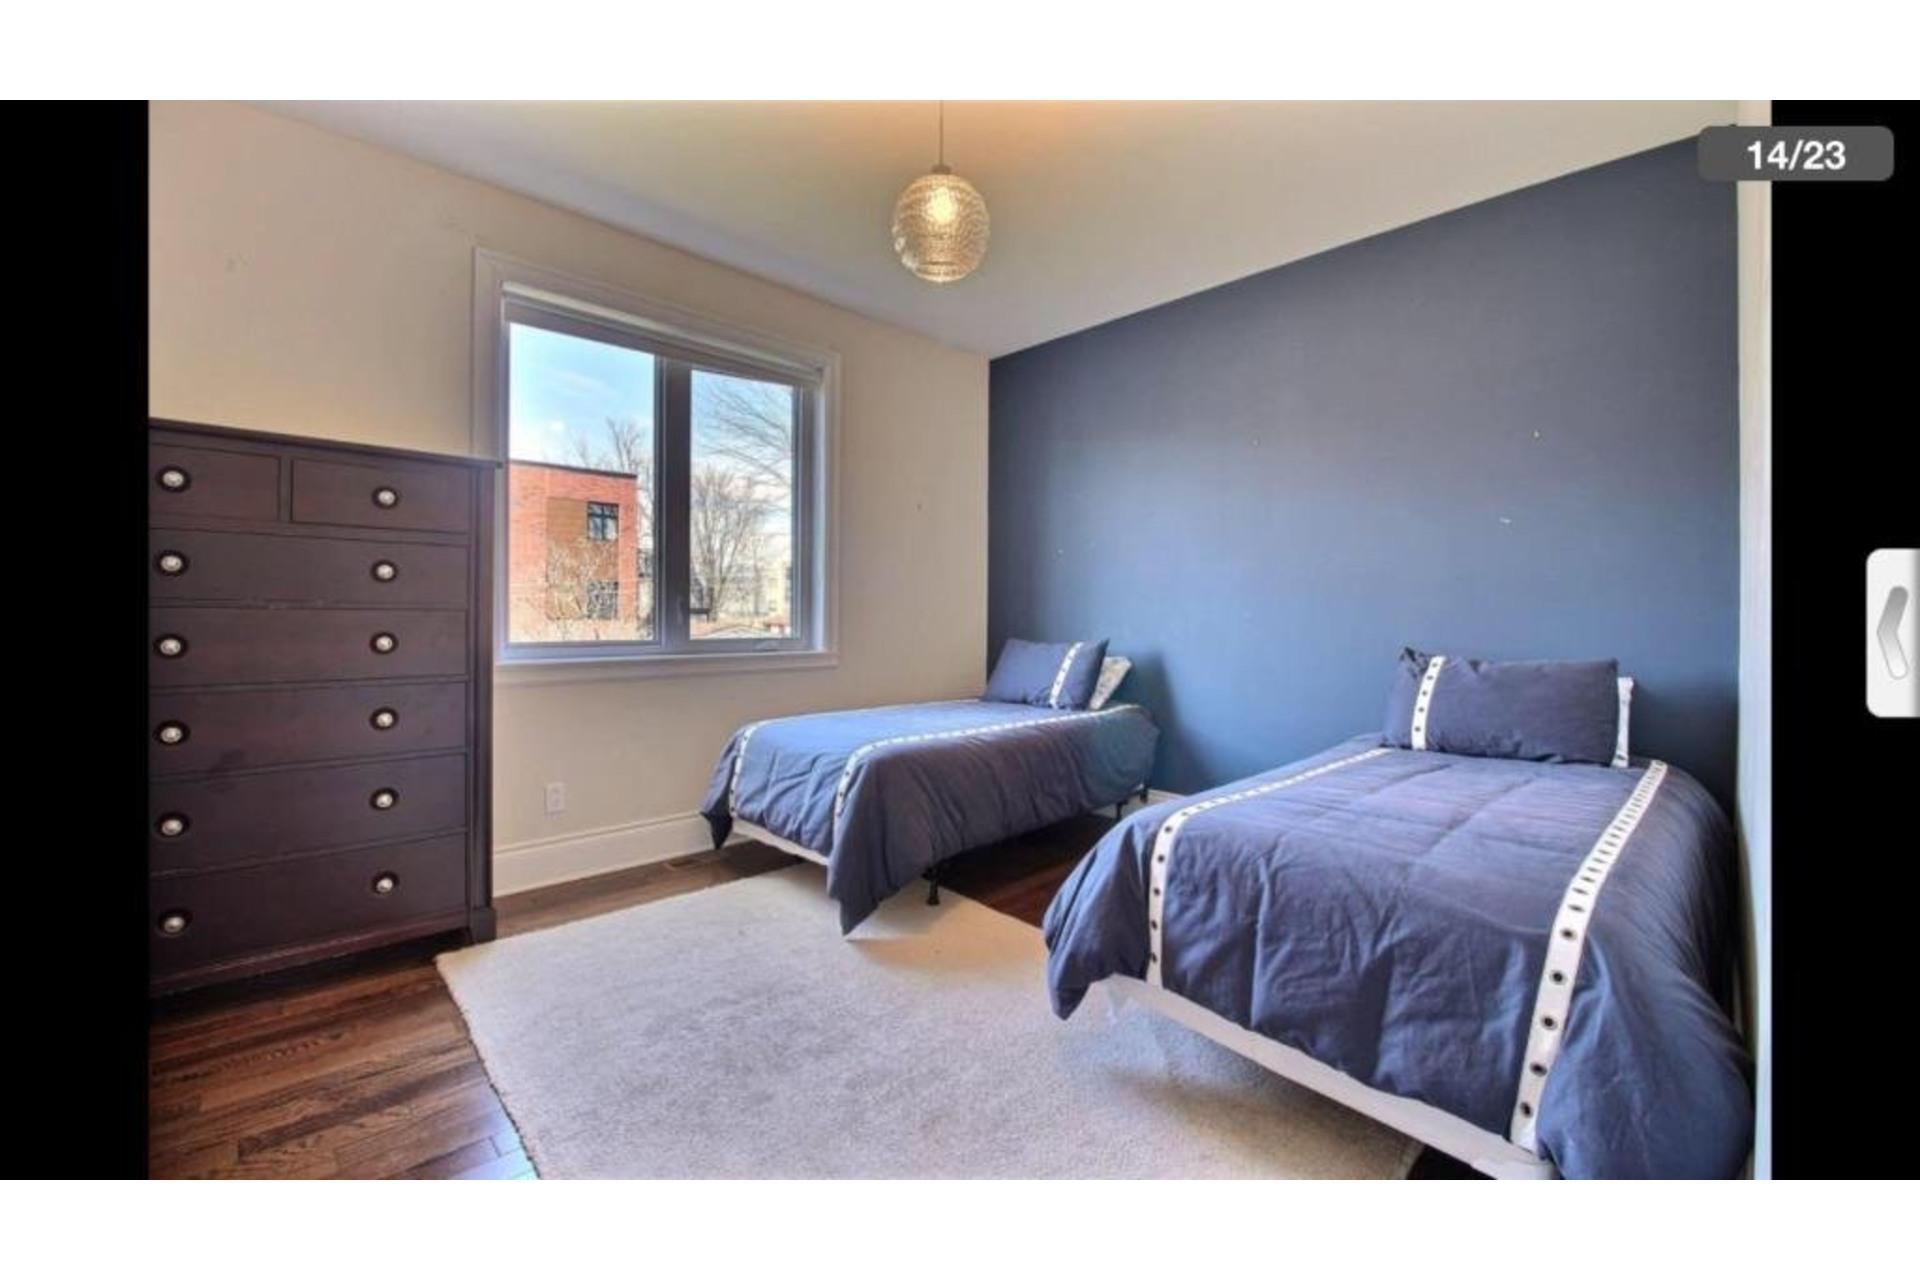 image 11 - Apartment For rent Saint-Laurent Montréal  - 10 rooms